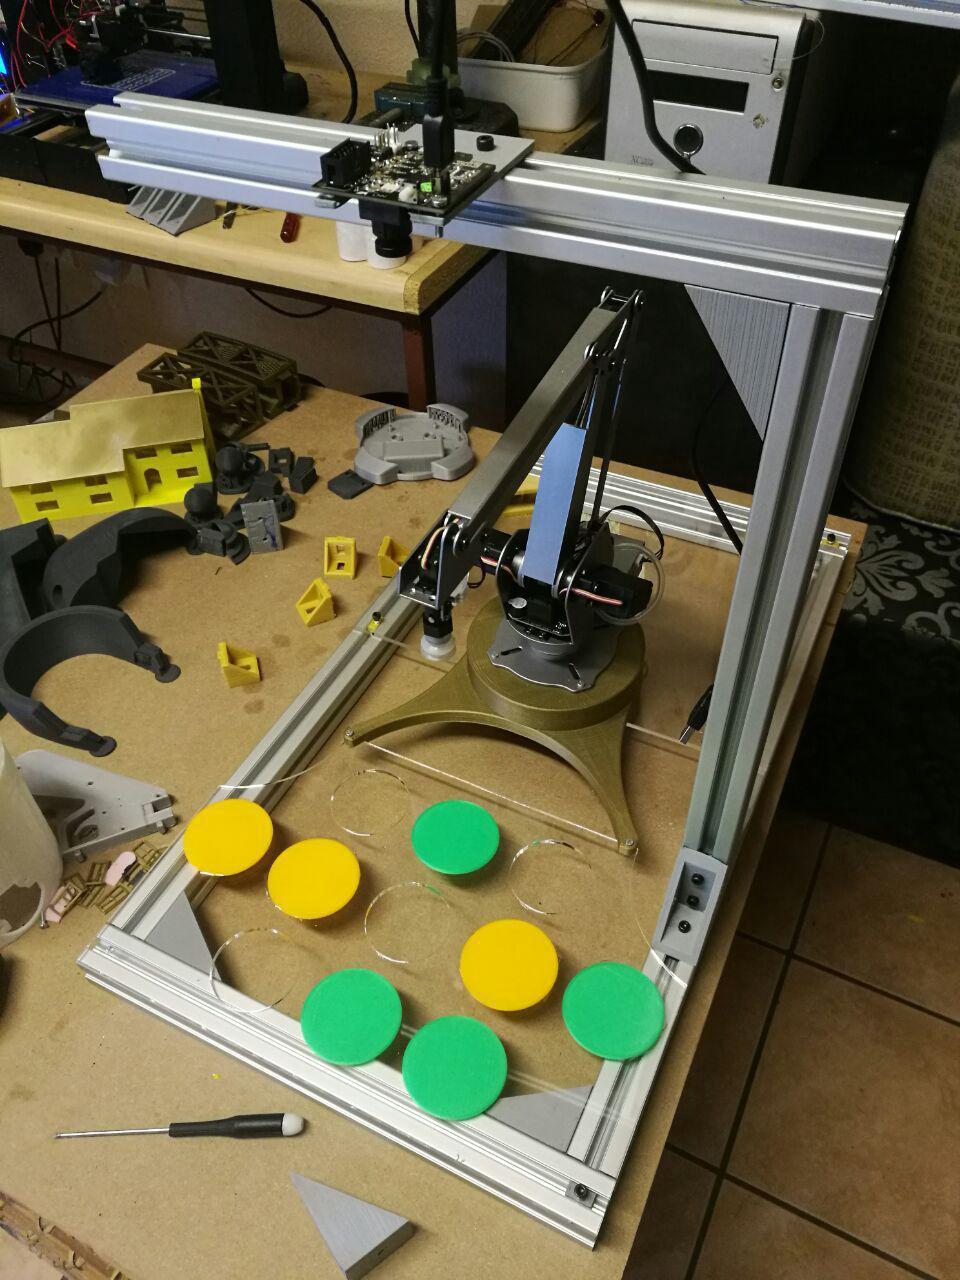 tictactoe-robot-man-vs-machine.jpeg